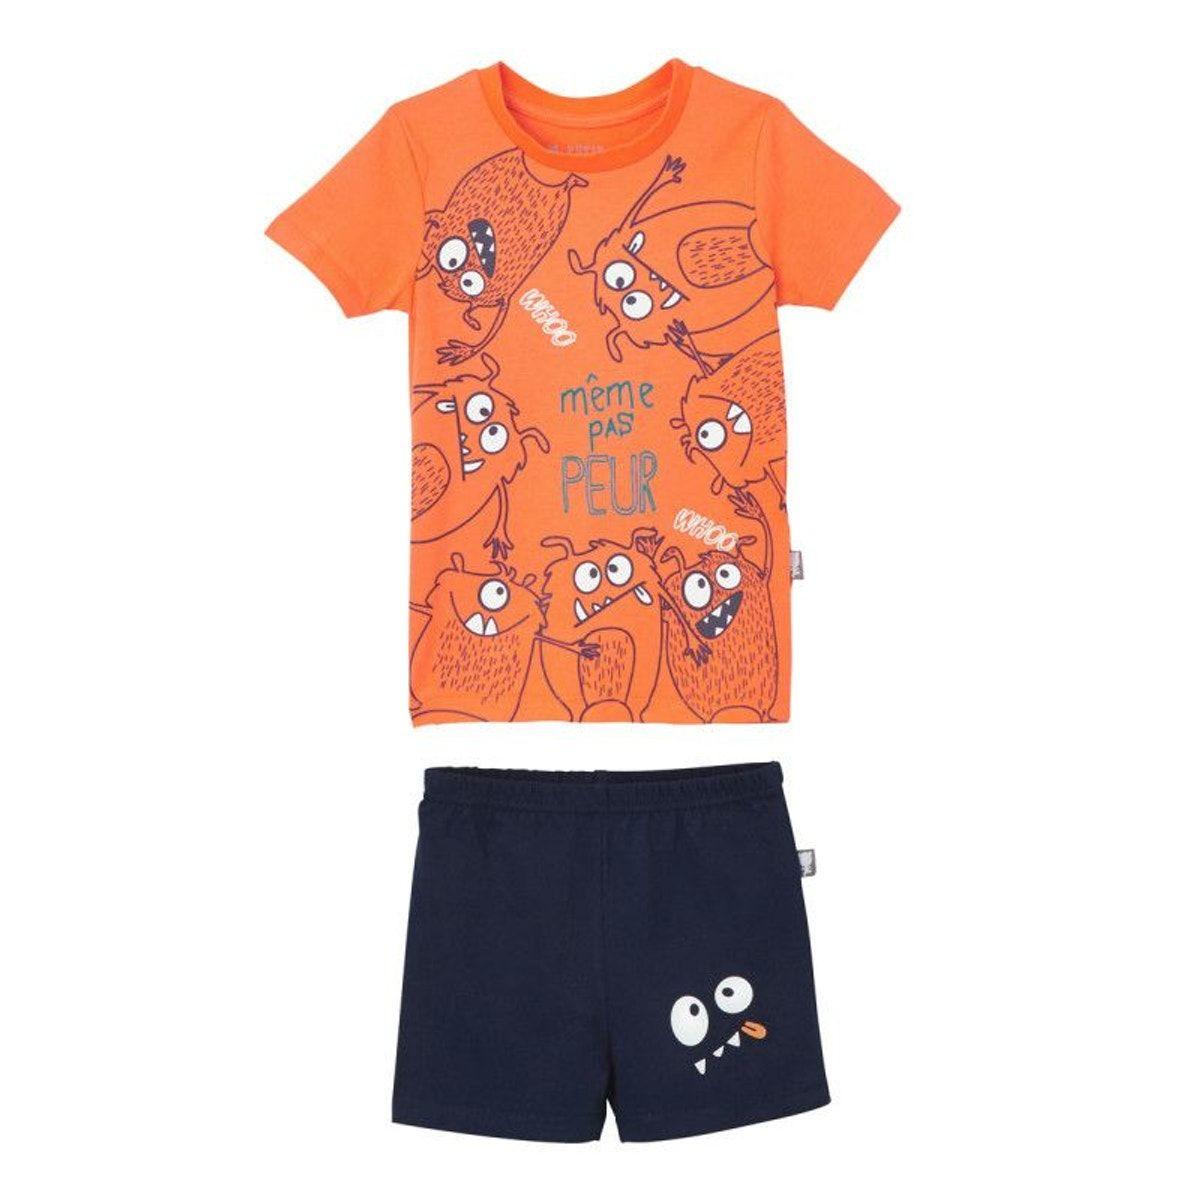 1627f6e7ff271 Pyjama Garçon Manches Courtes Même Pas Peur - Taille : 10 ans;5 ans ...